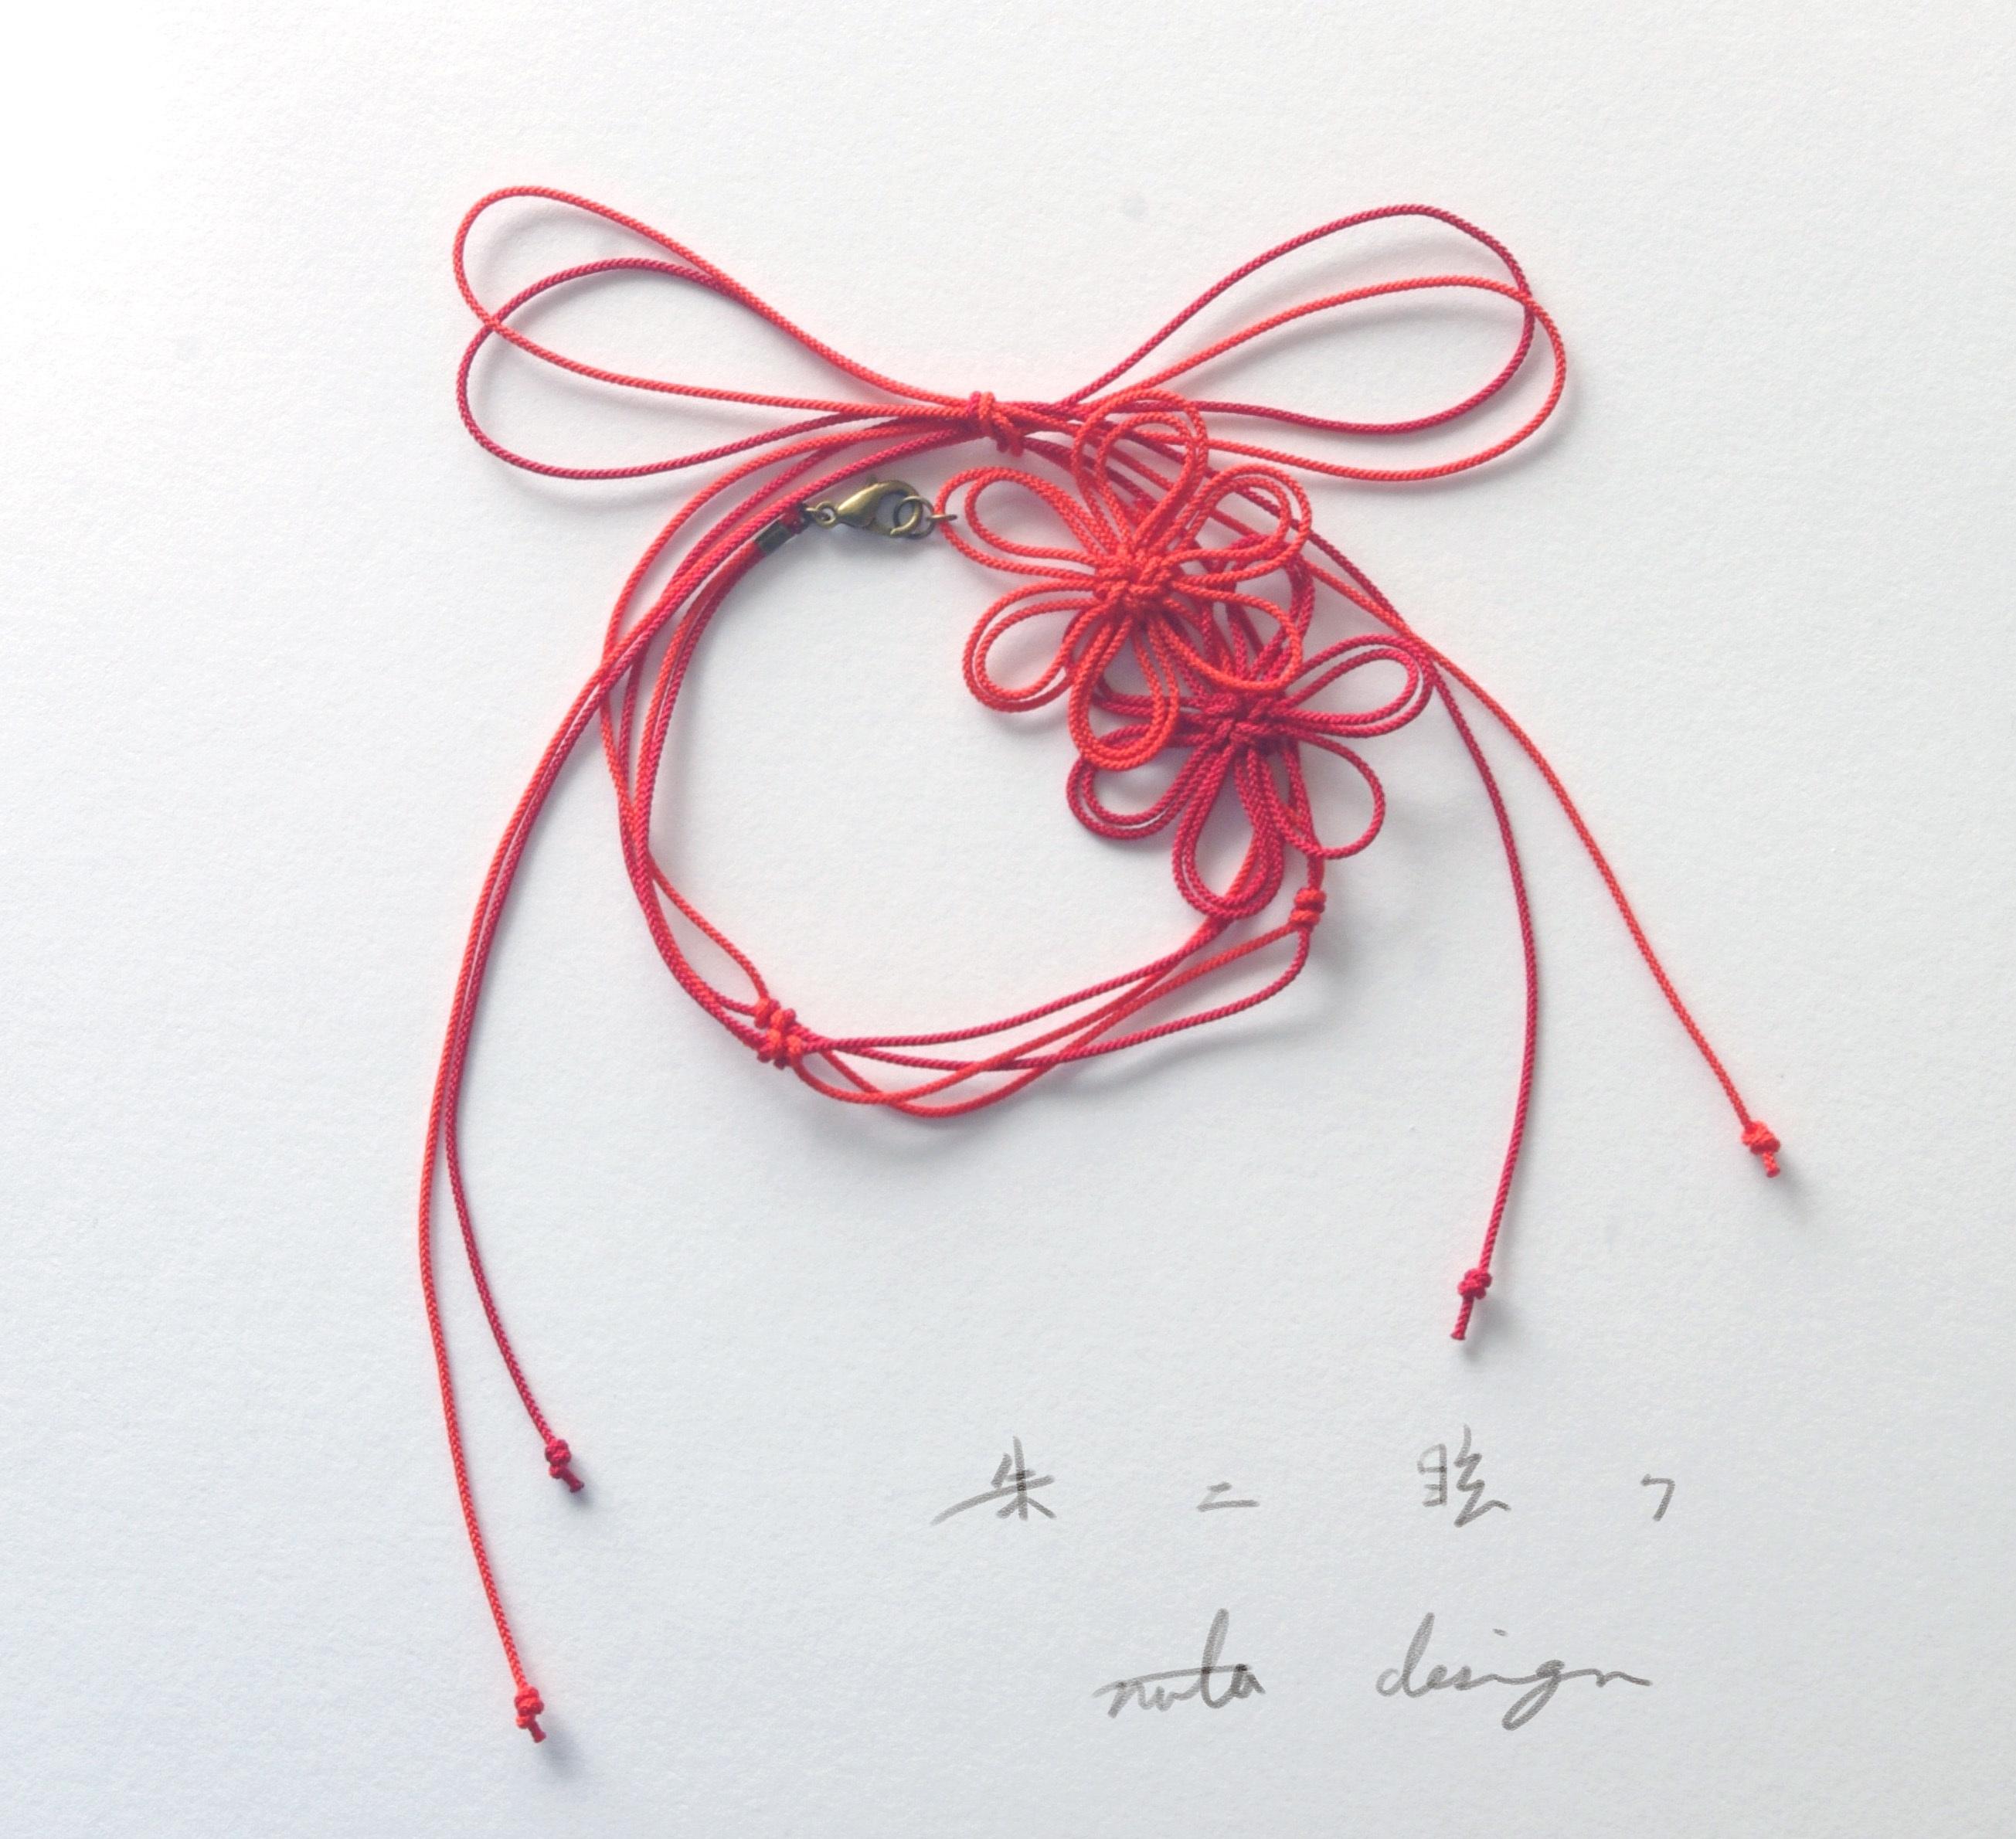 ブレスレット「朱ニ眩ク」(赤×朱)